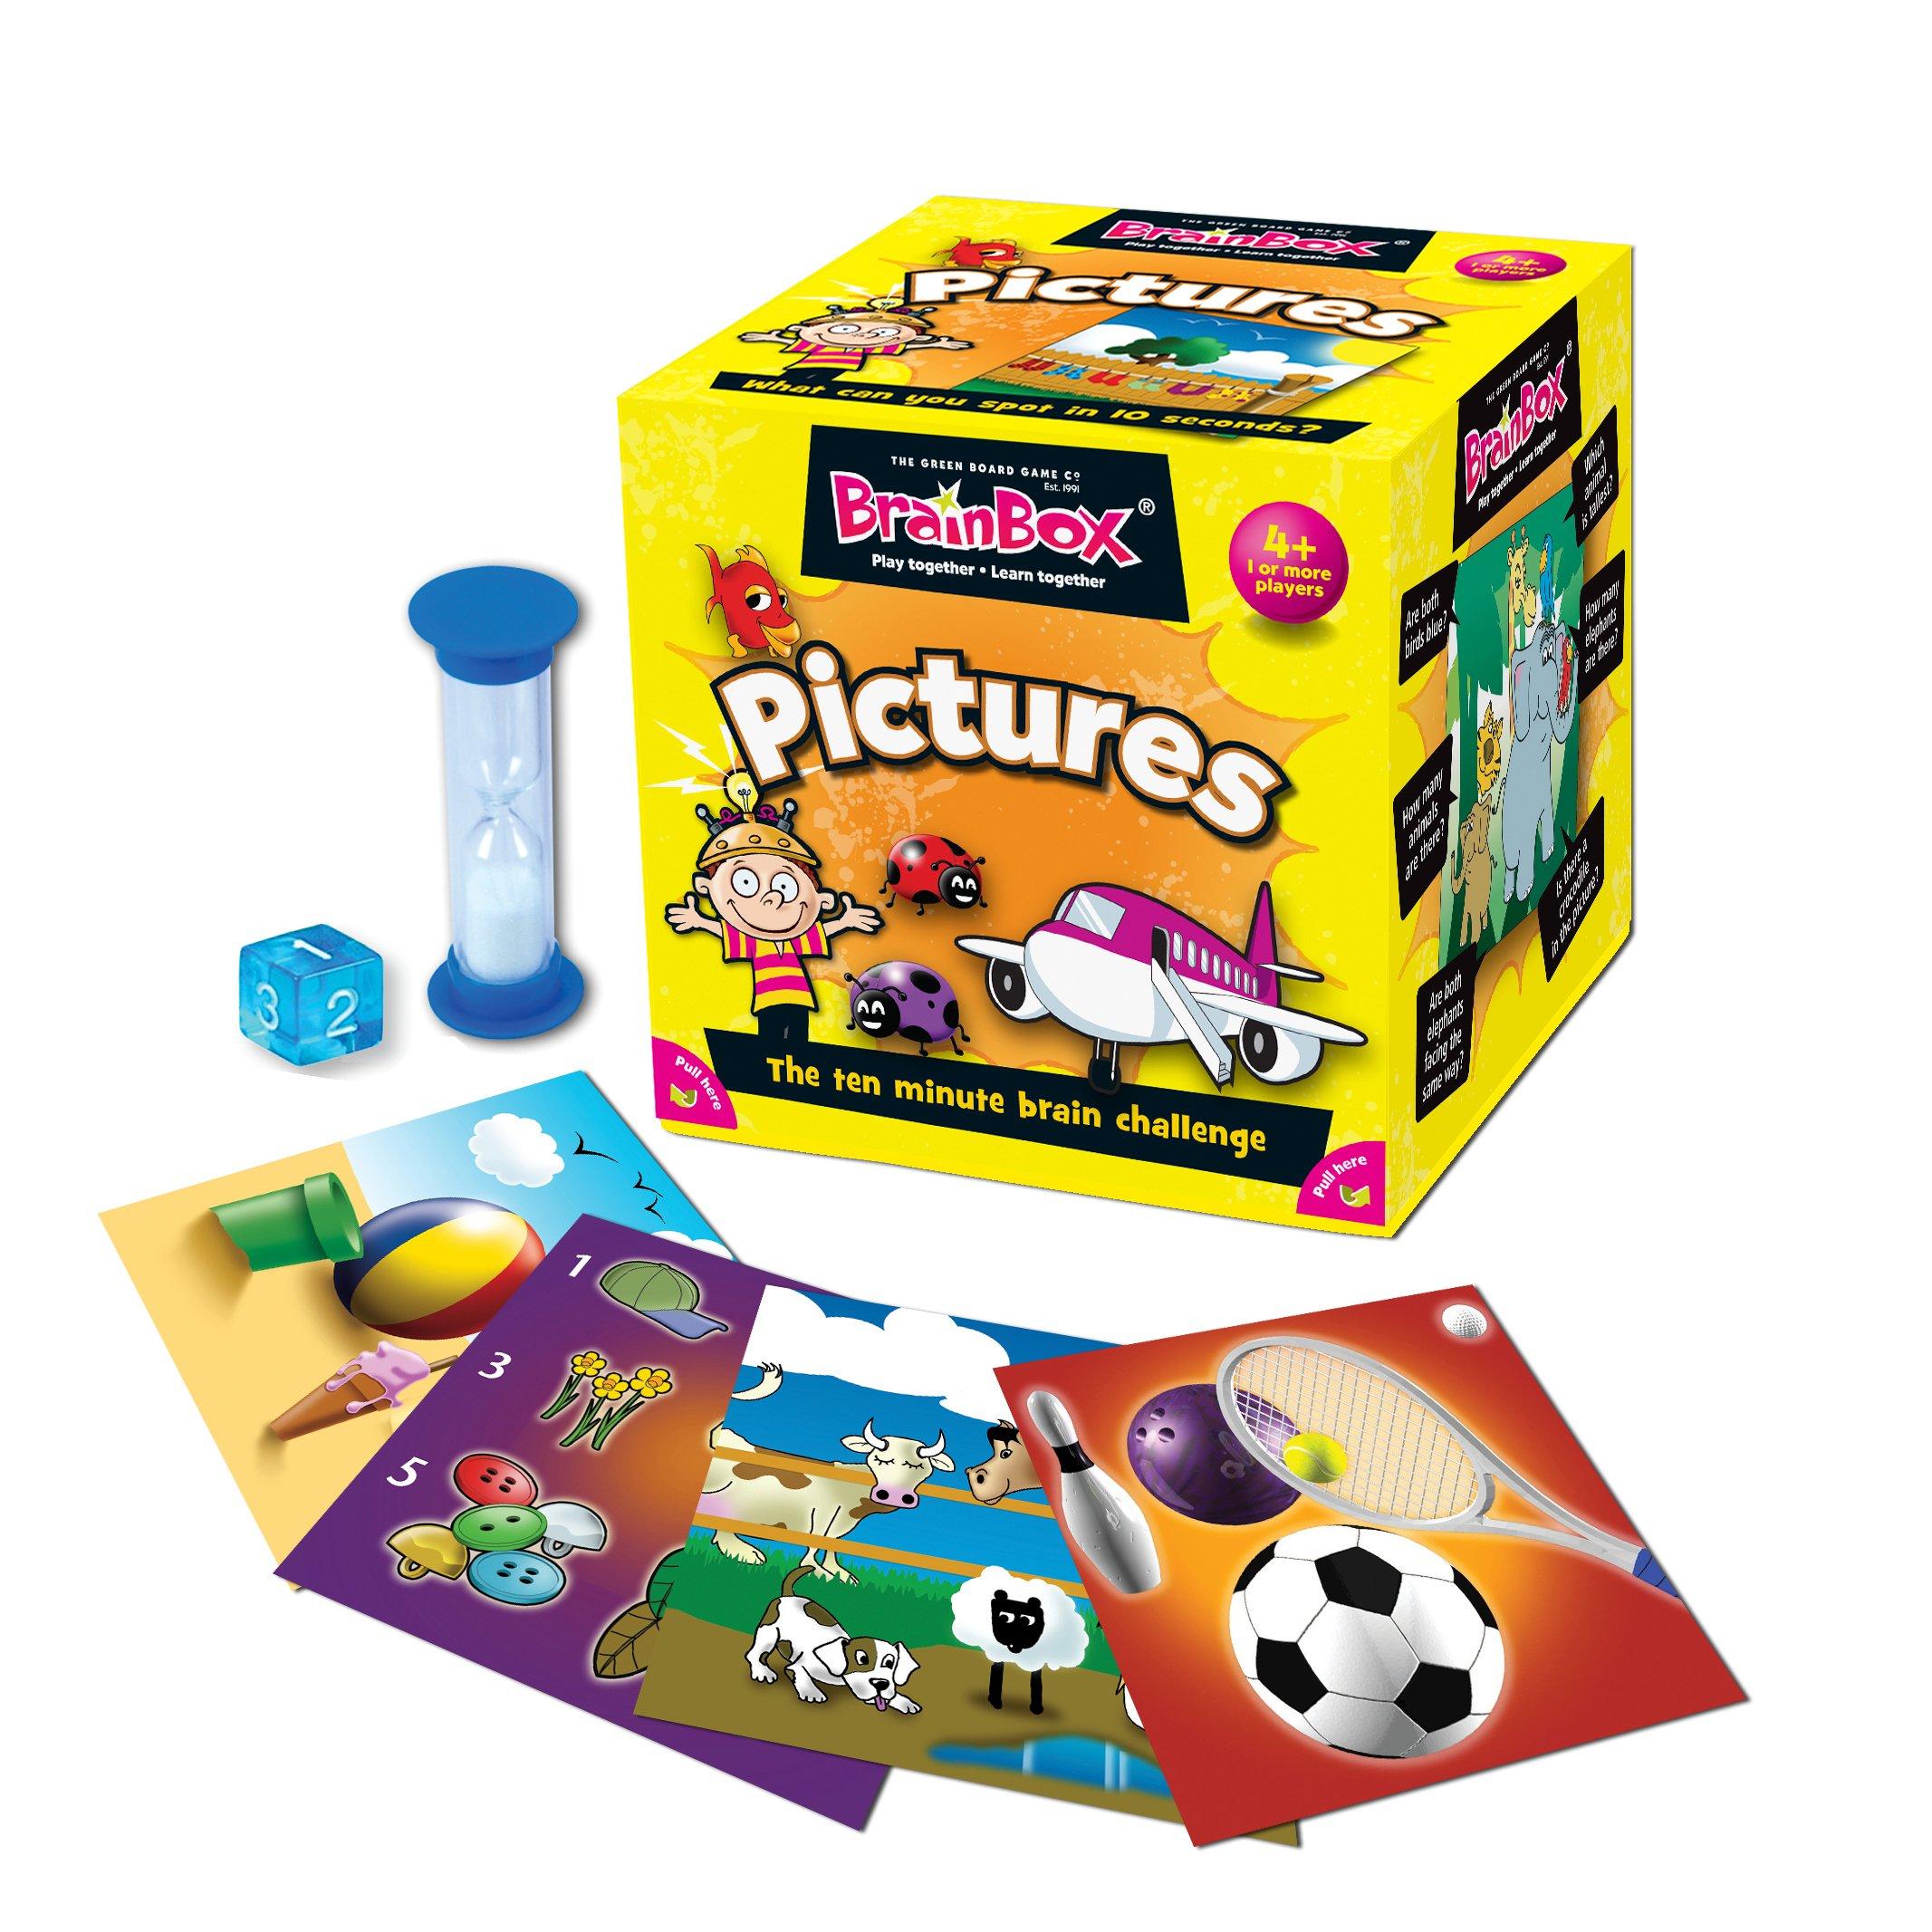 MindWare Brain Box My First Brainbox Preschool games